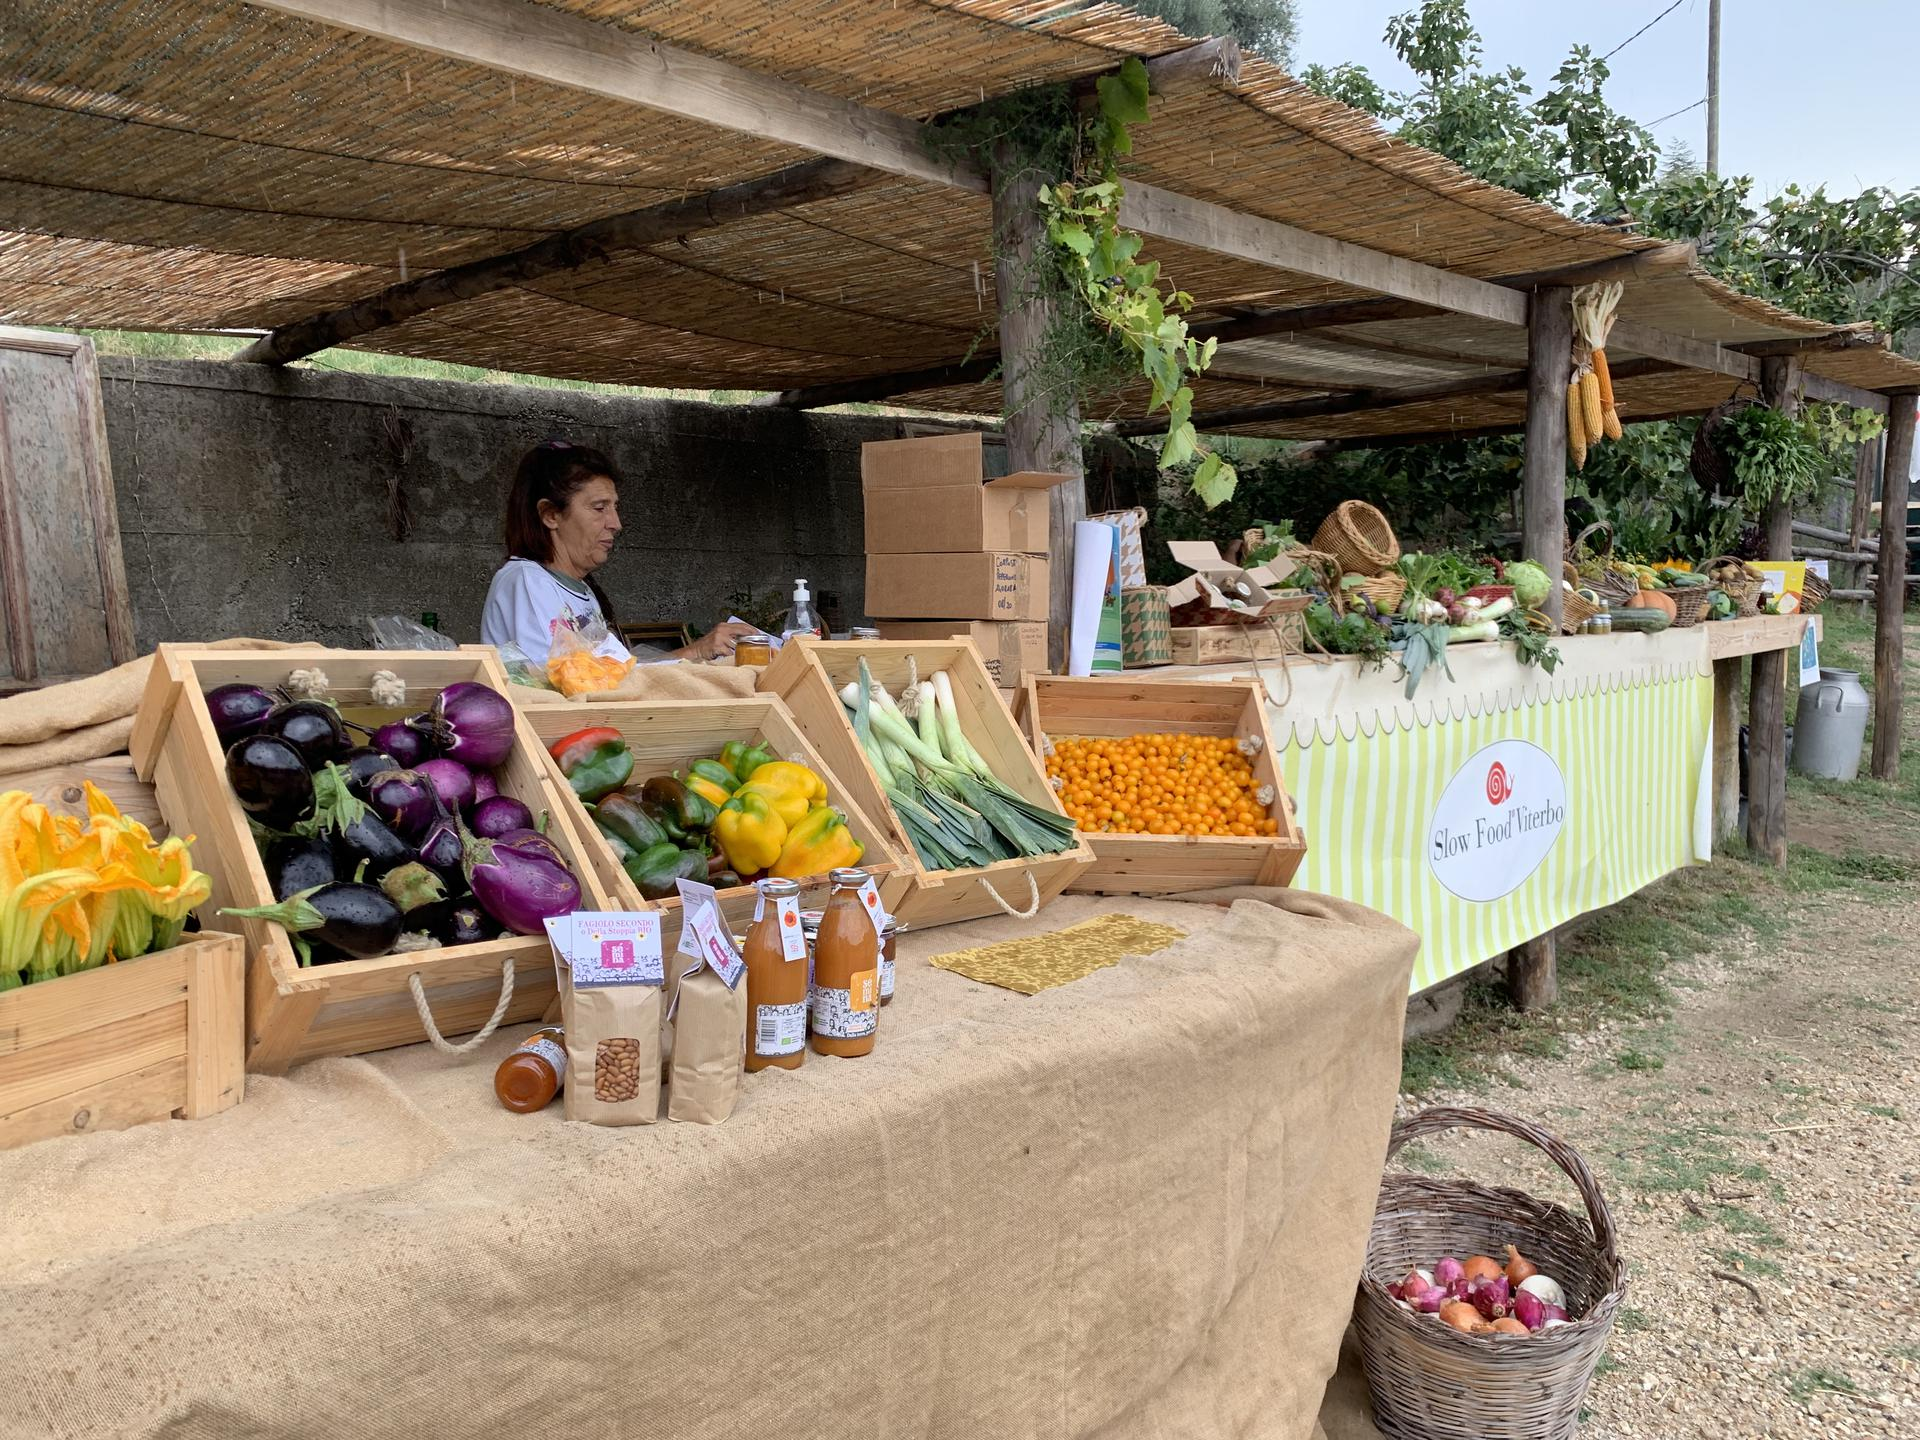 Al Mercato della Terra di Viterbo e Tuscia tante eccellenze gastronomiche locali